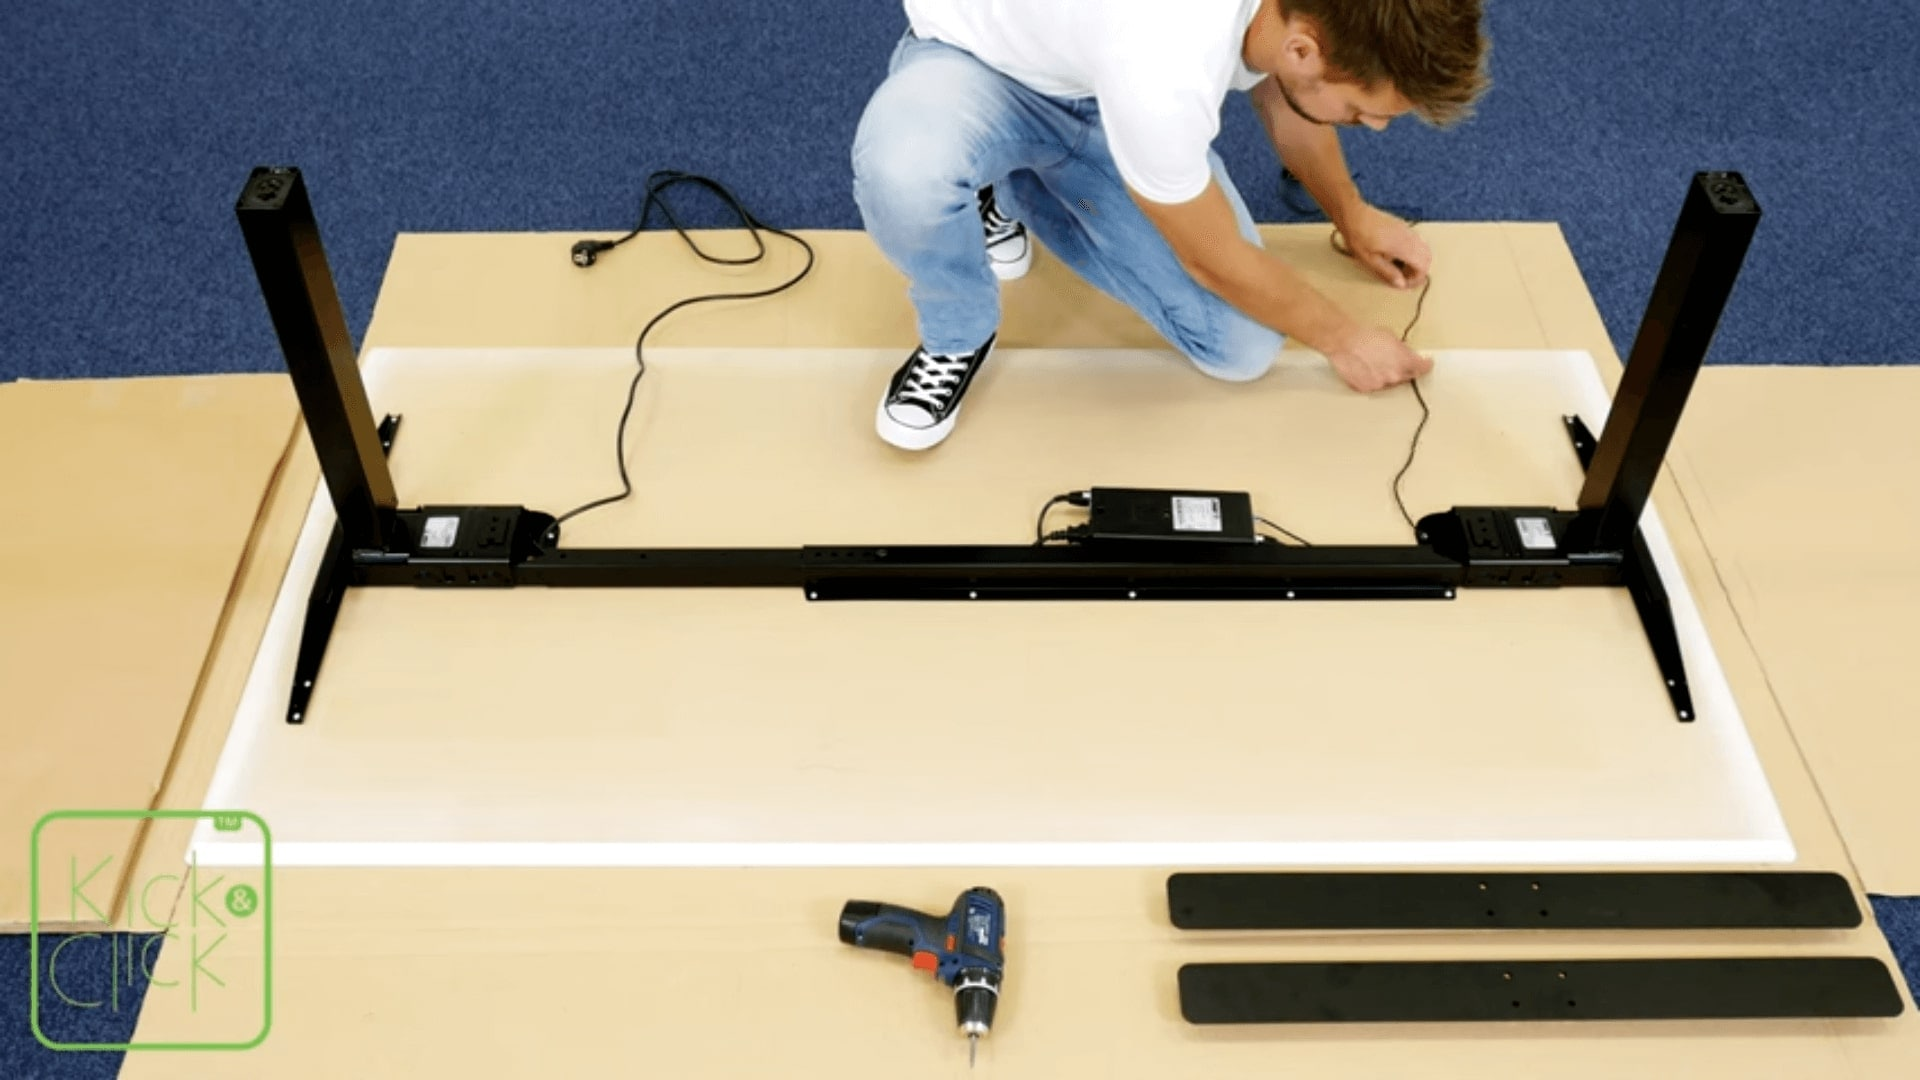 LINAK Kick & Click - Näin helppoa on työpöydän kokoaminen